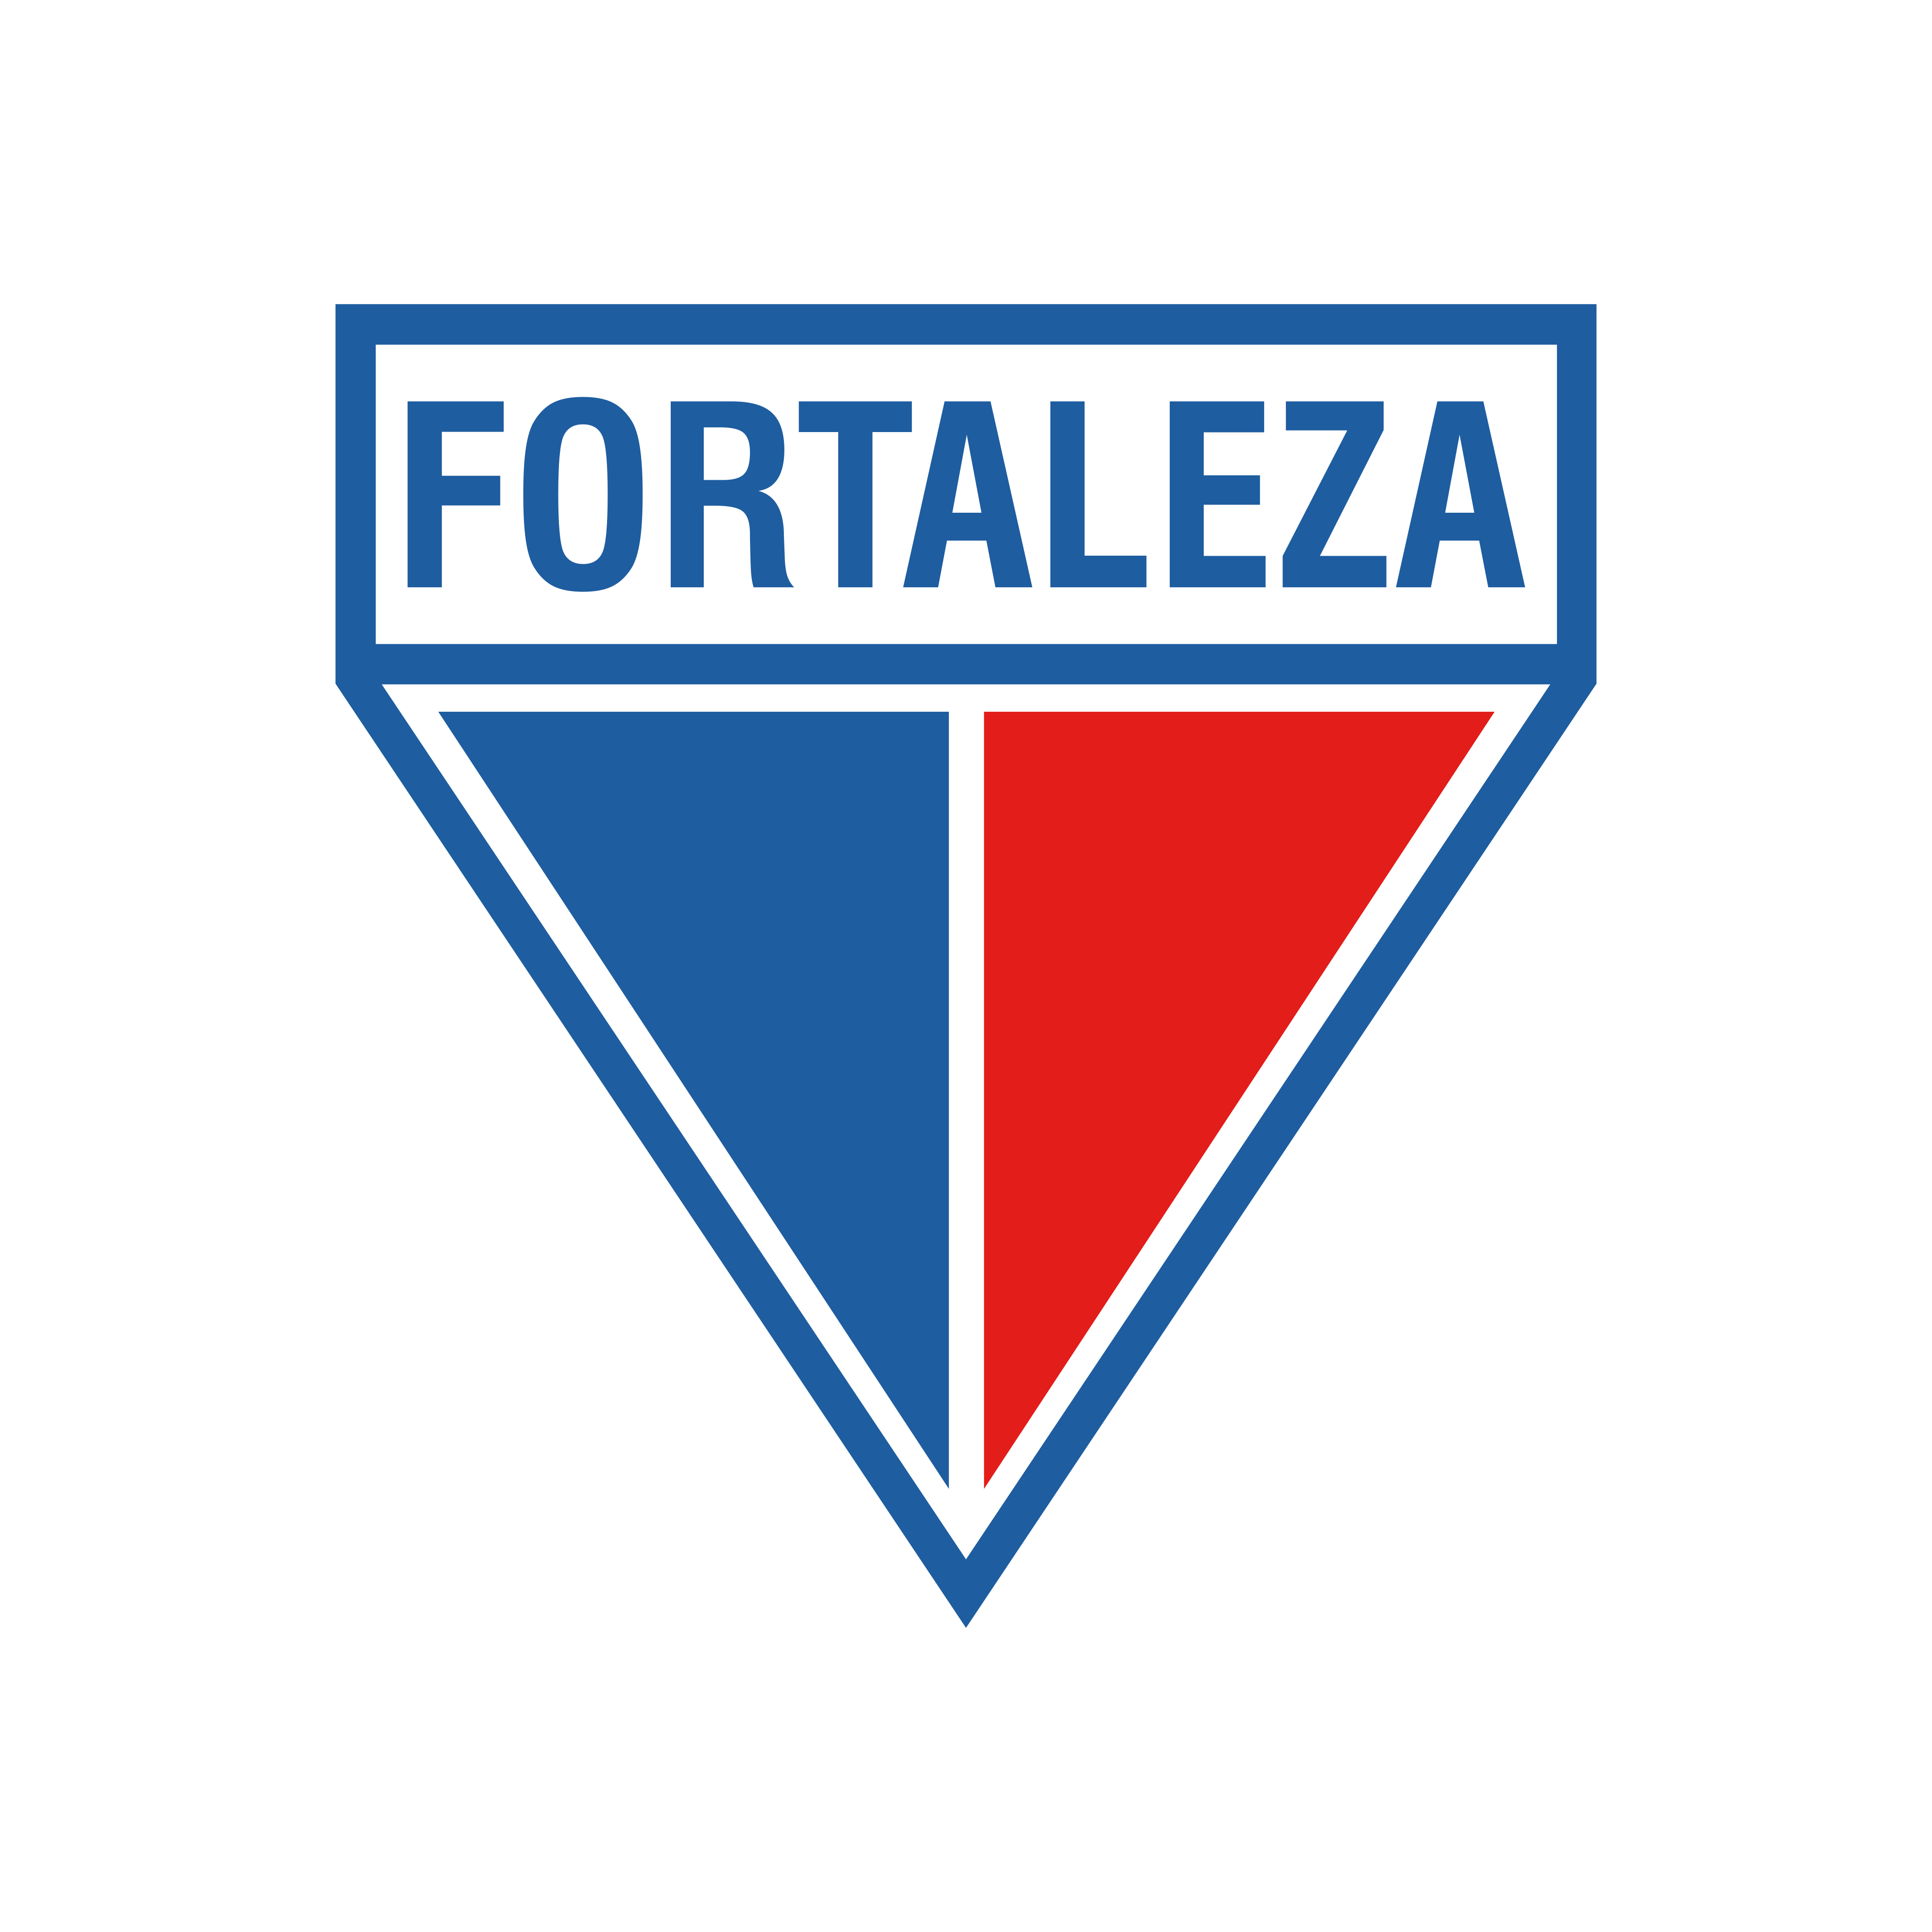 fortaleza logo 0 - Fortaleza Esporte Clube Logo